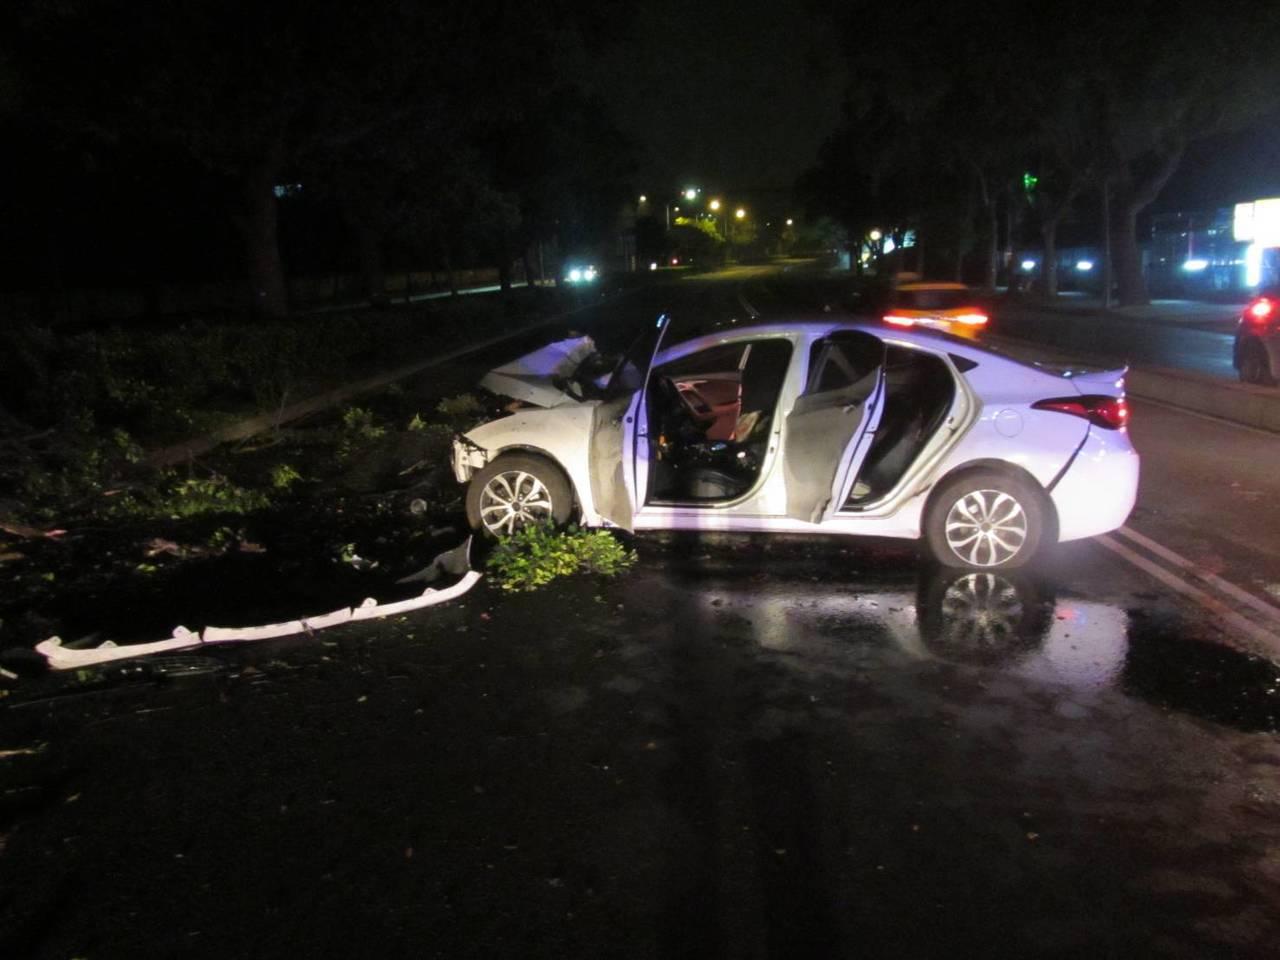 蘇男酒後駕車,自稱因閃避路面東西而自撞分隔島,車頭嚴重毀損。記者林佩均/翻攝